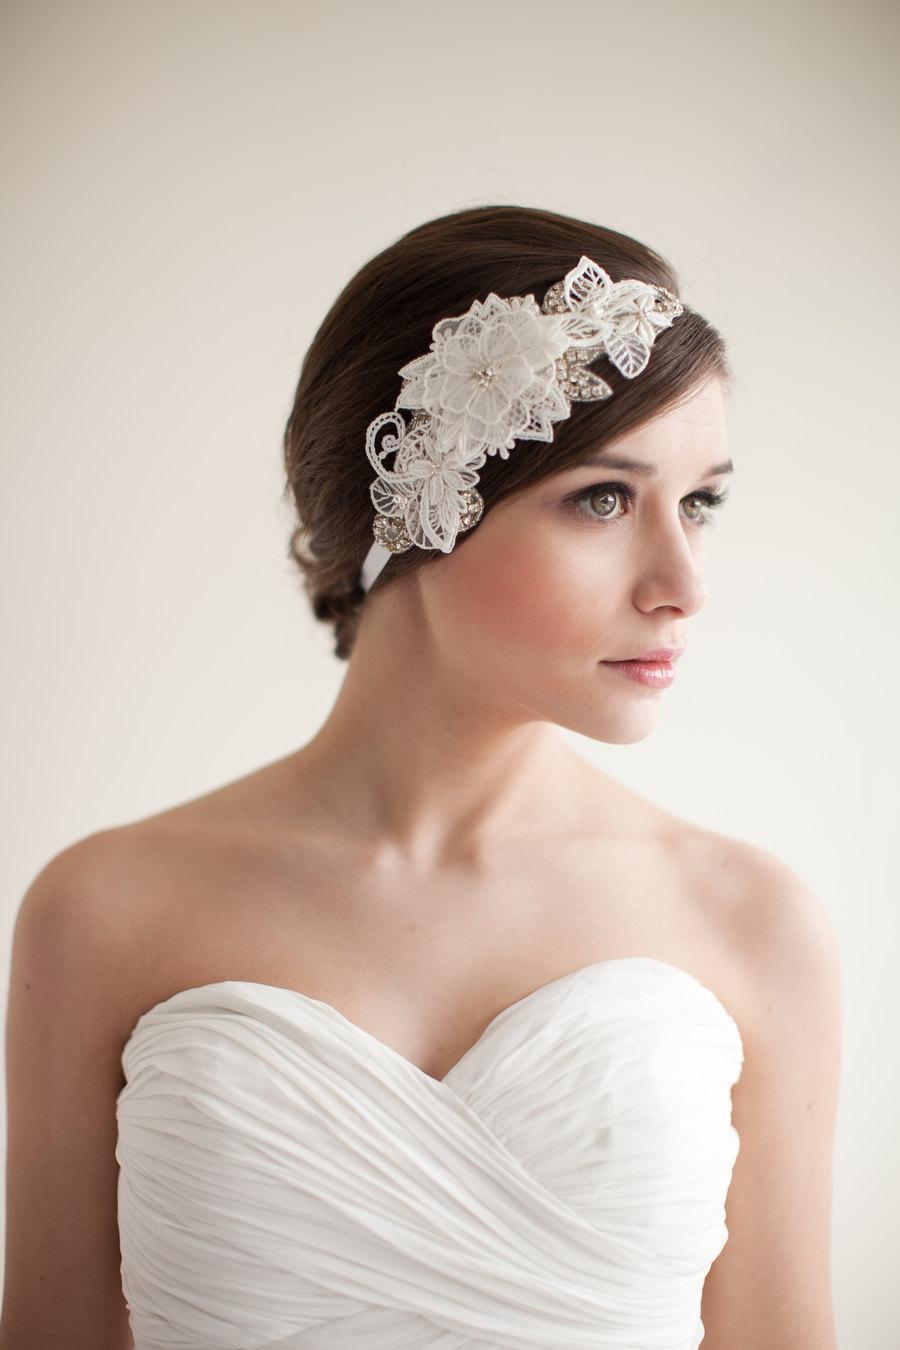 Mariage - Lace Headband, Bridal Headpiece, Fascinator, Rhinestone Pearls, Flowers, Leaves - Mia Style 4113